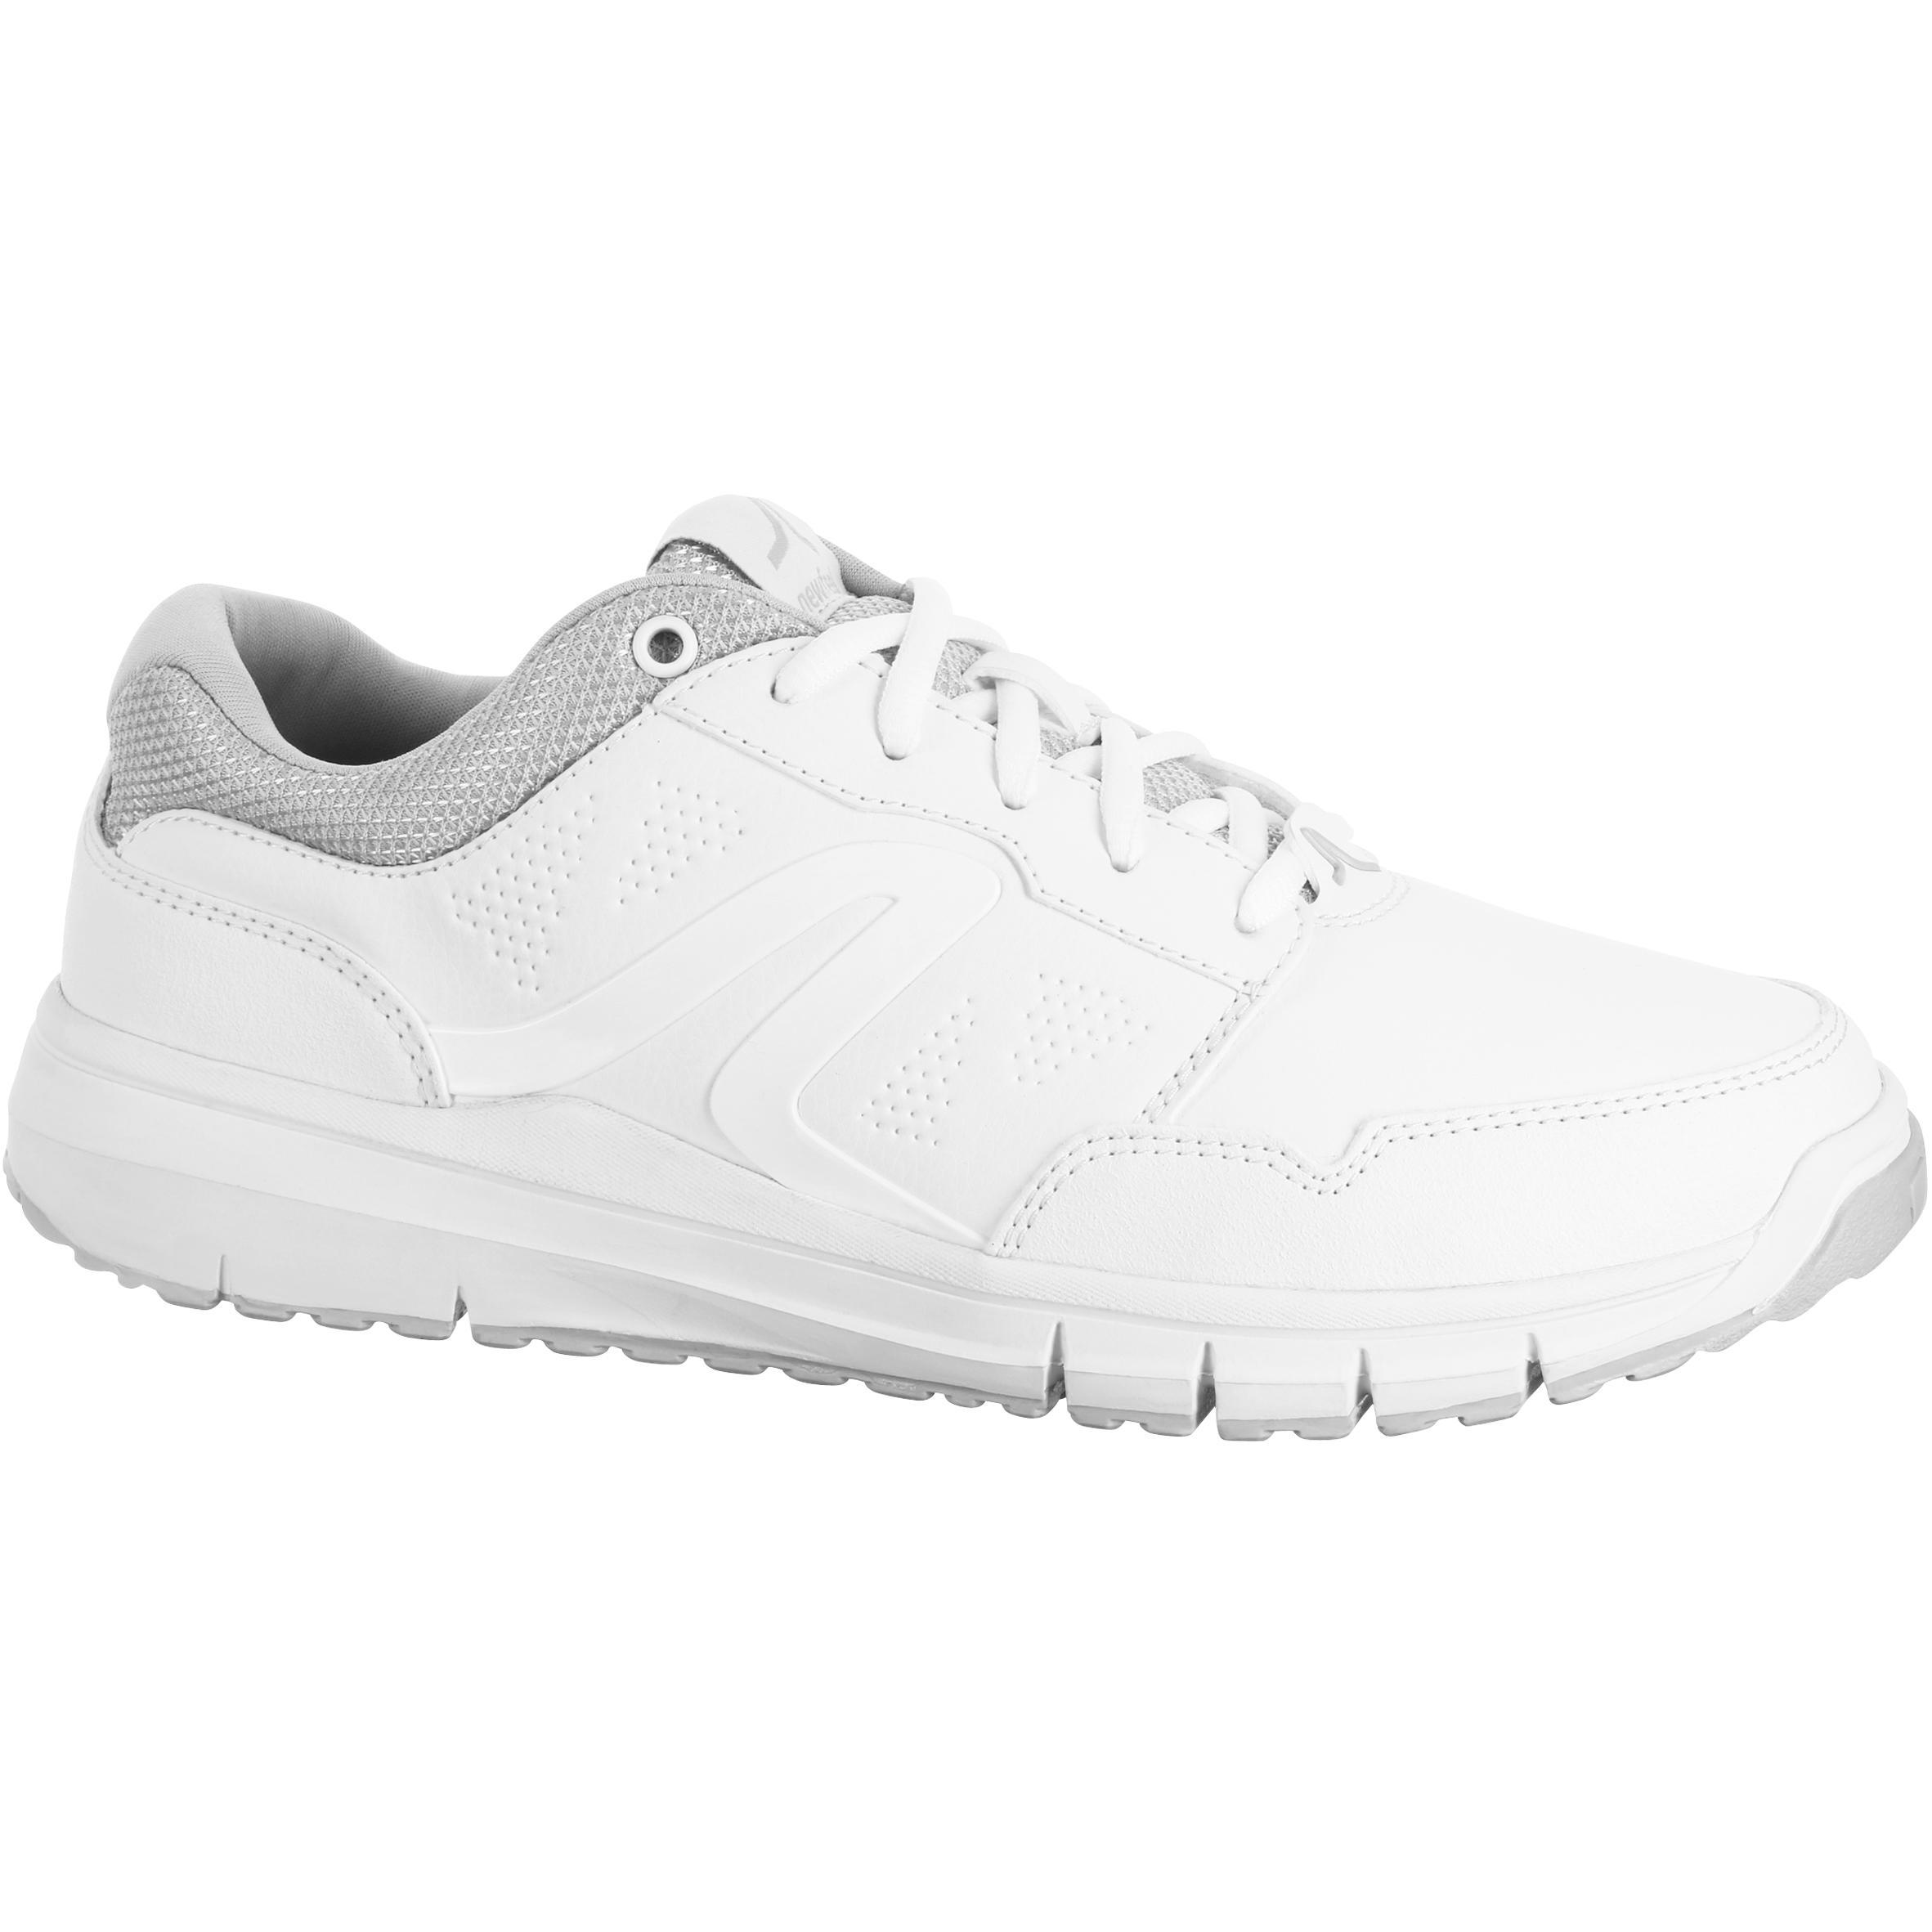 Walkingschuhe Protect 140 Damen | Schuhe > Sportschuhe > Walkingschuhe | Newfeel